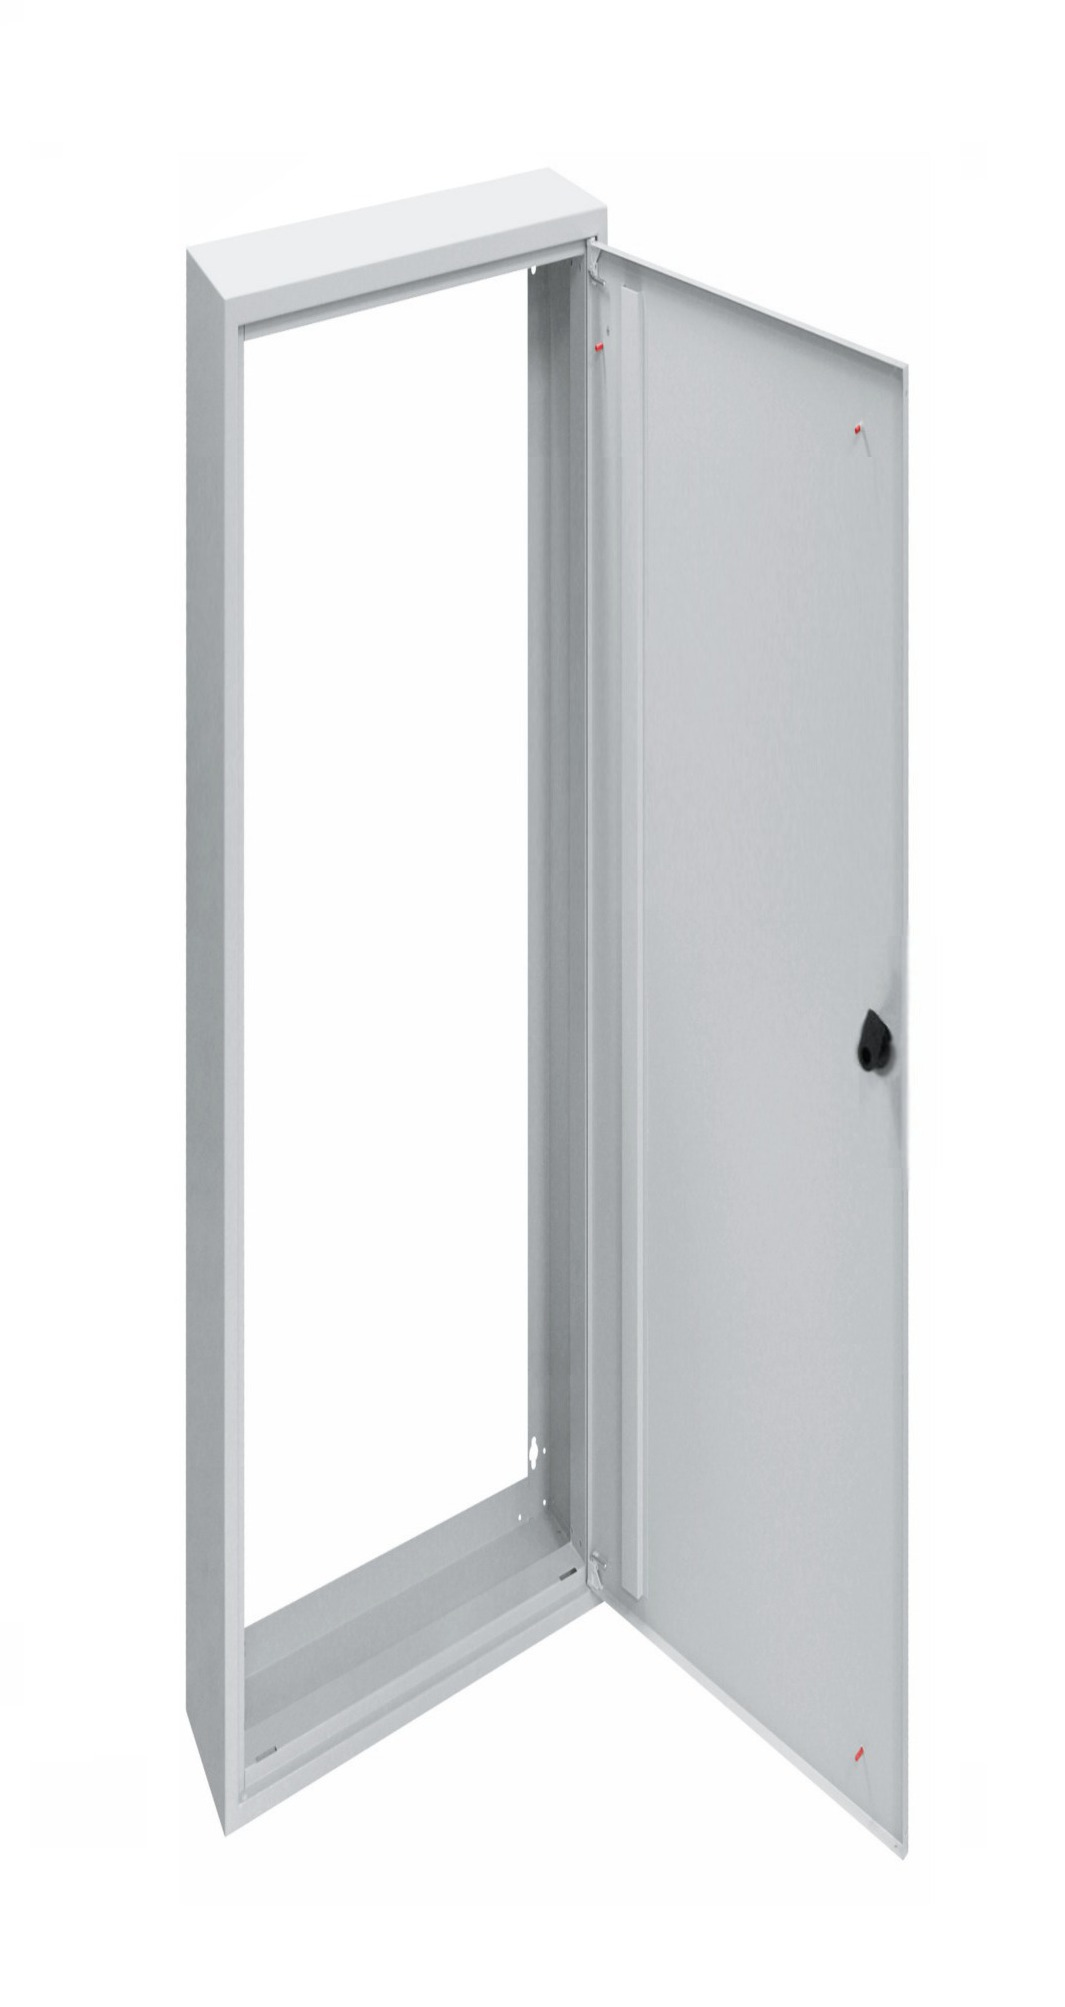 1 Stk Aufputz-Rahmen mit Türe 1A-24, H1195B380T250mm IL006124-F